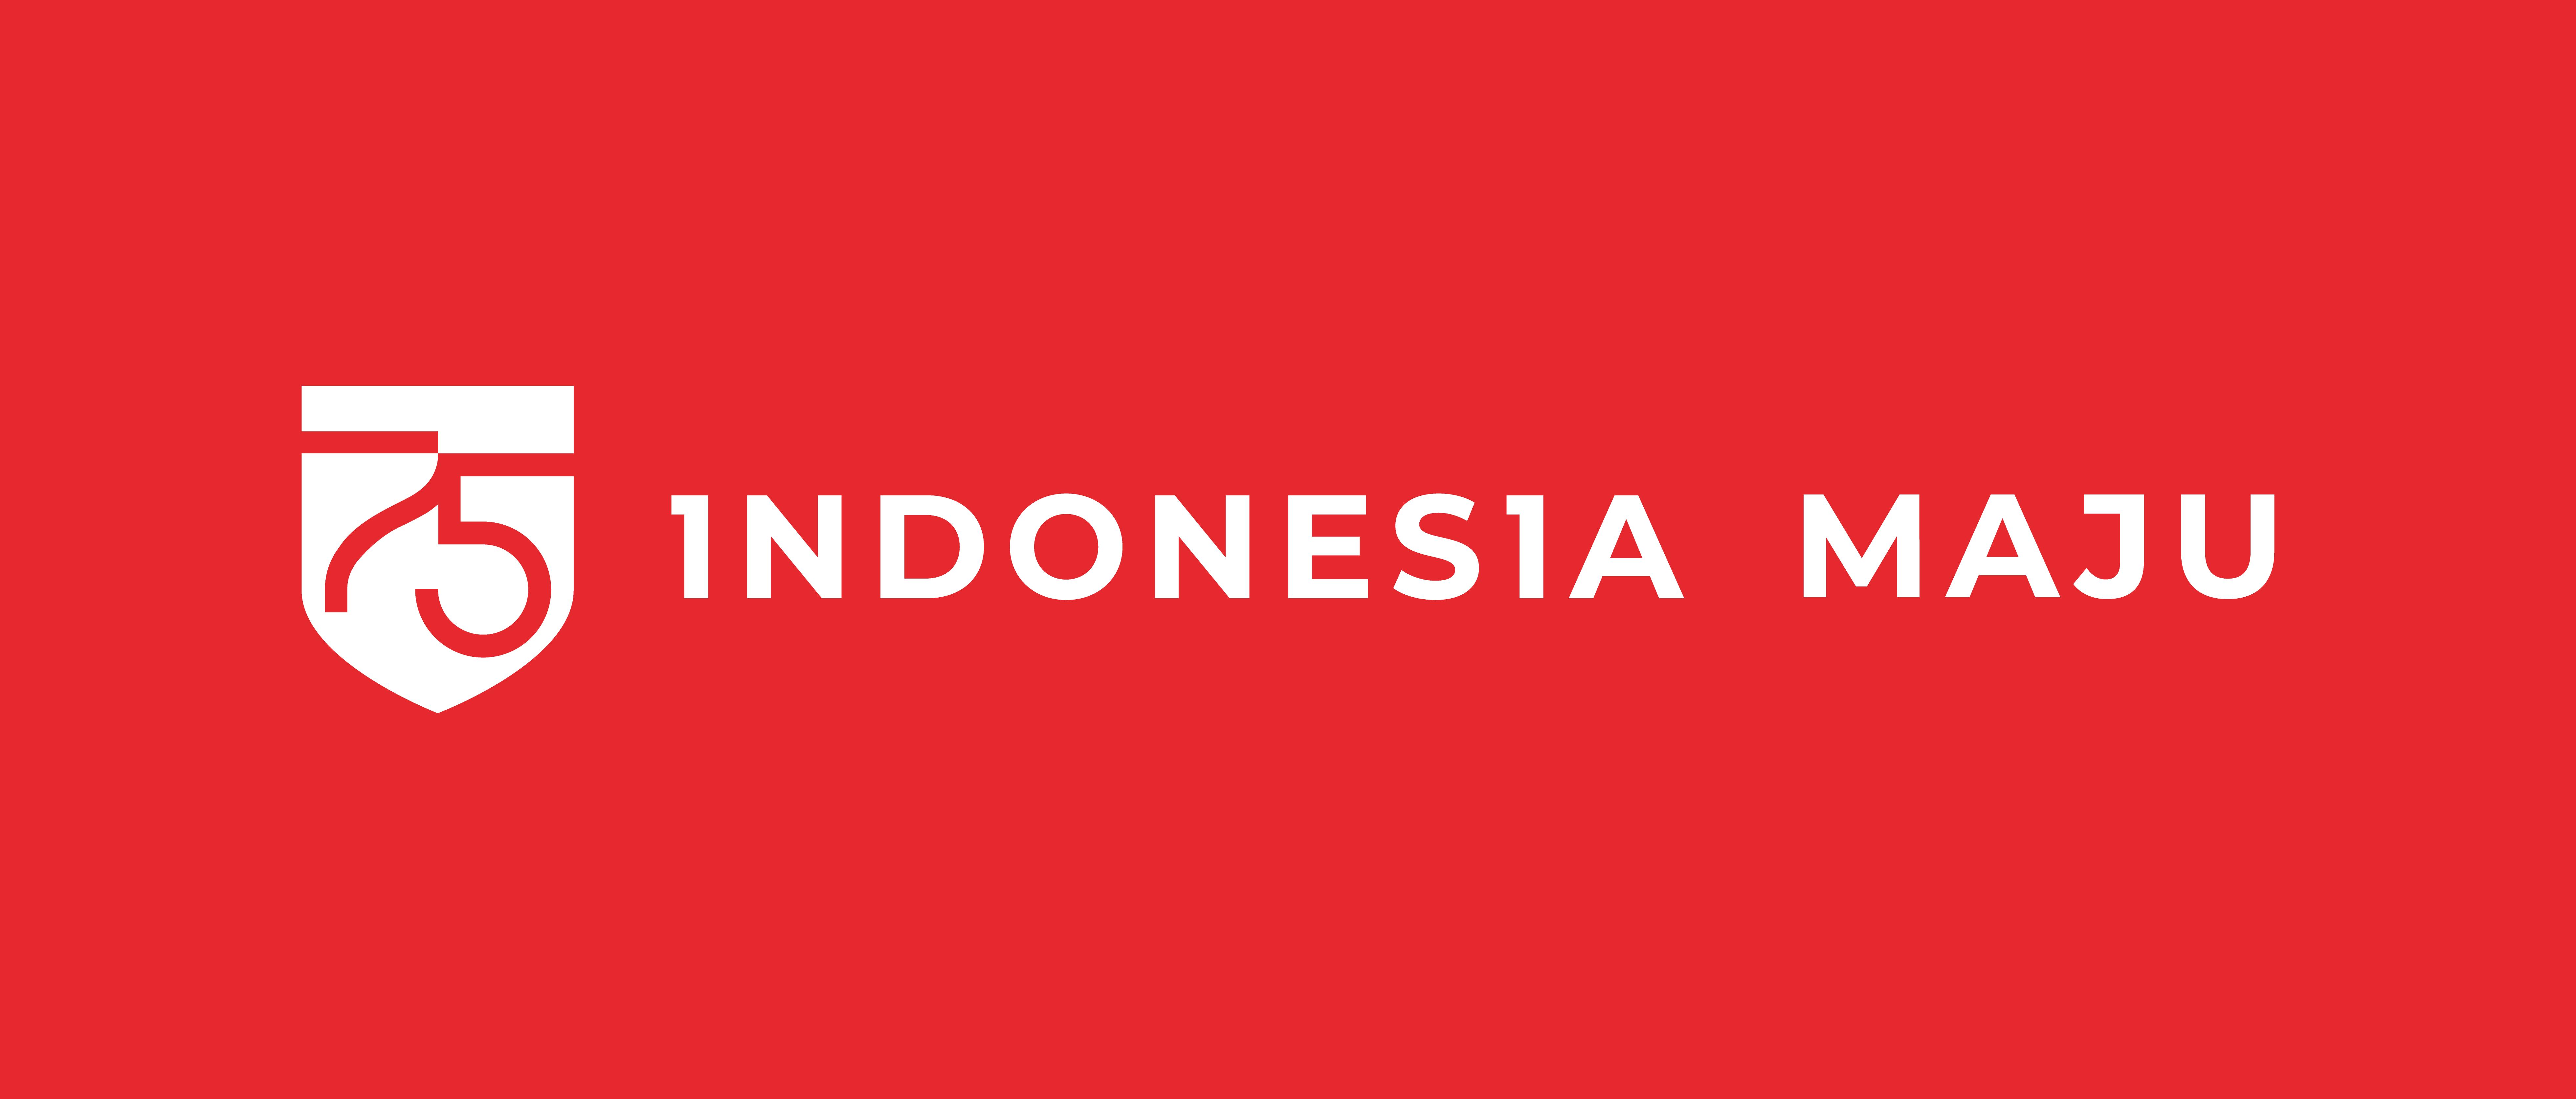 75 Tahun Indonesia Maju